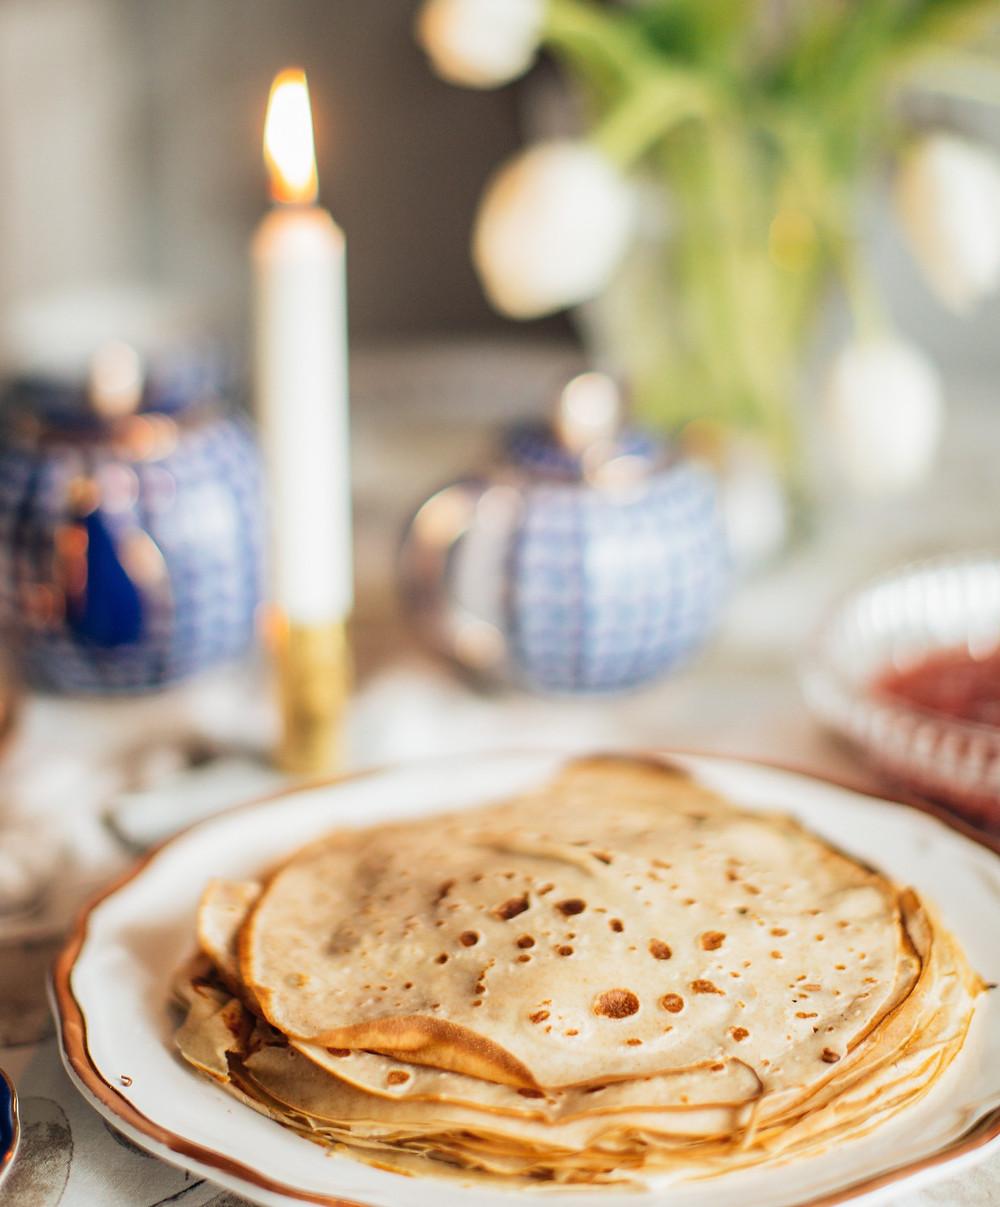 Recette de crêpe au froment pour la Chandeleur